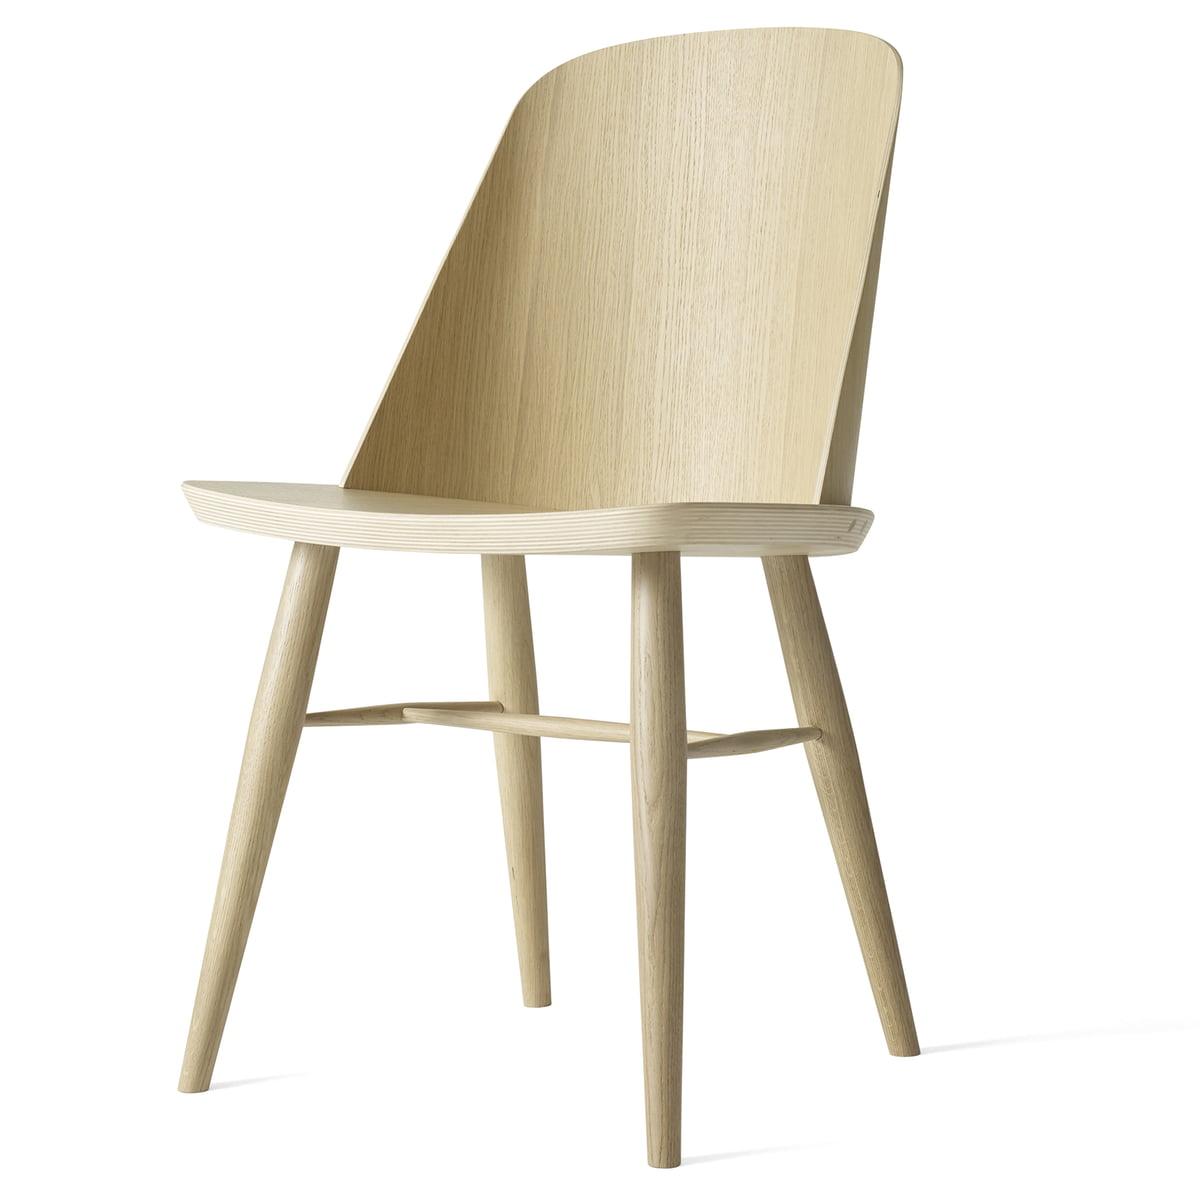 Synnes Stuhl von Menu im Shop kaufen